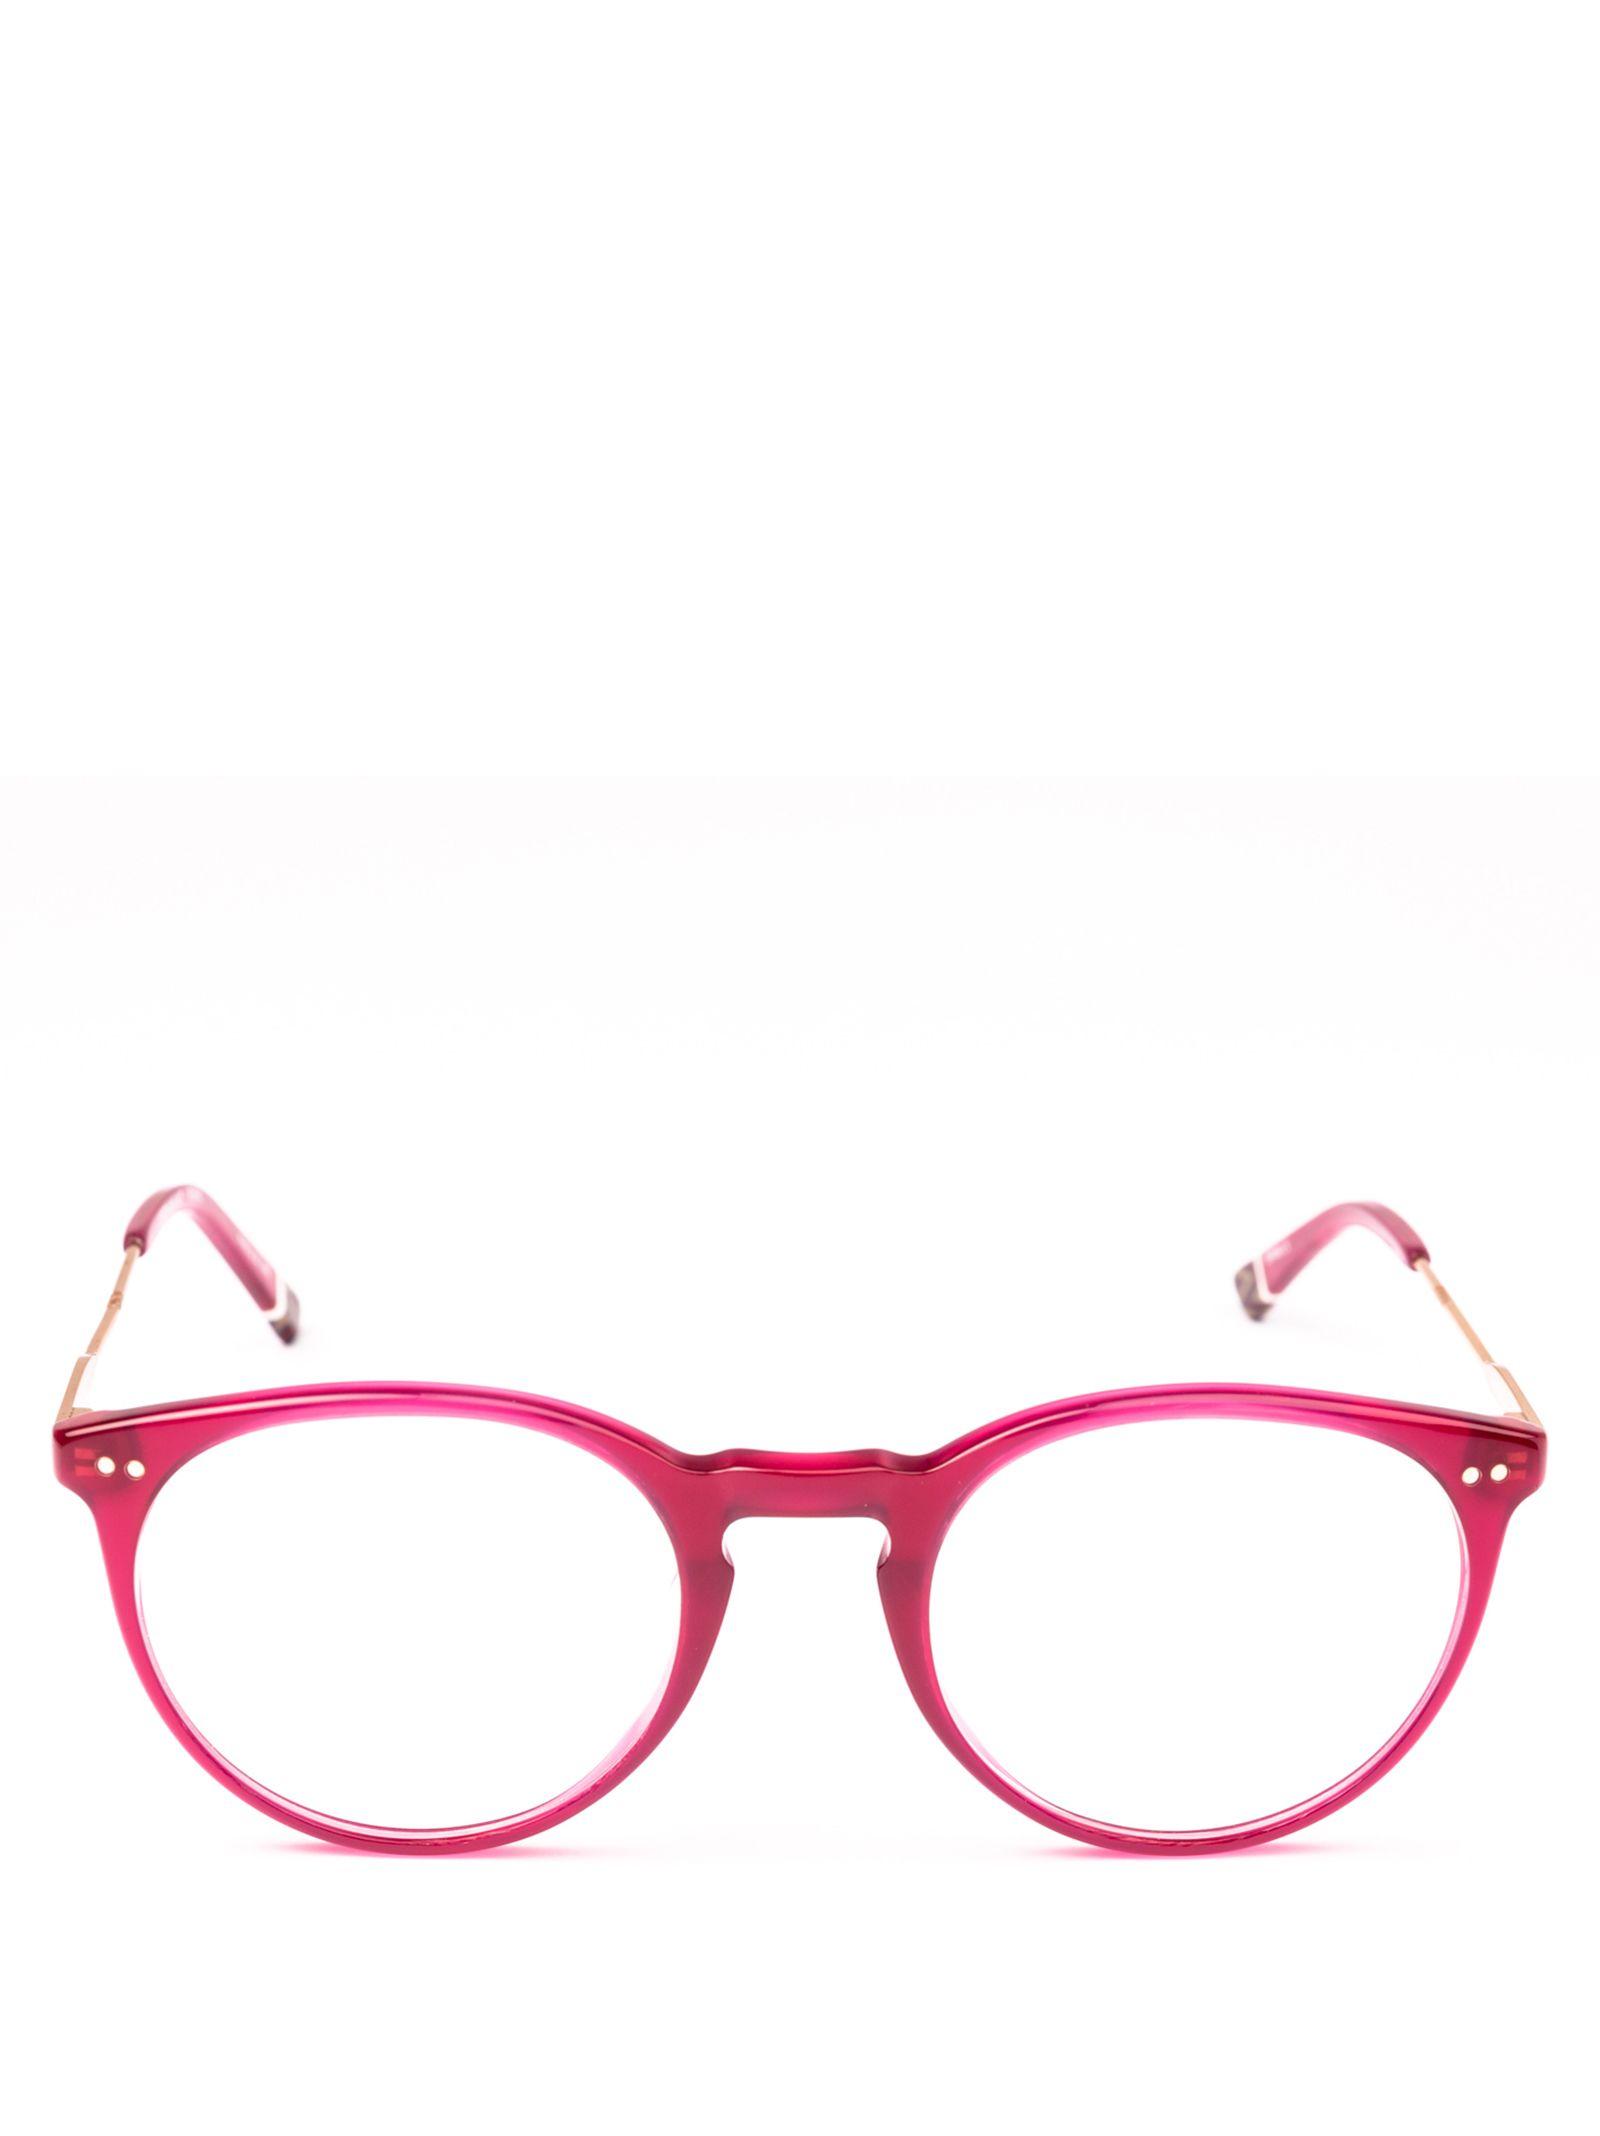 ETNIA BARCELONA Glasses in Pupk